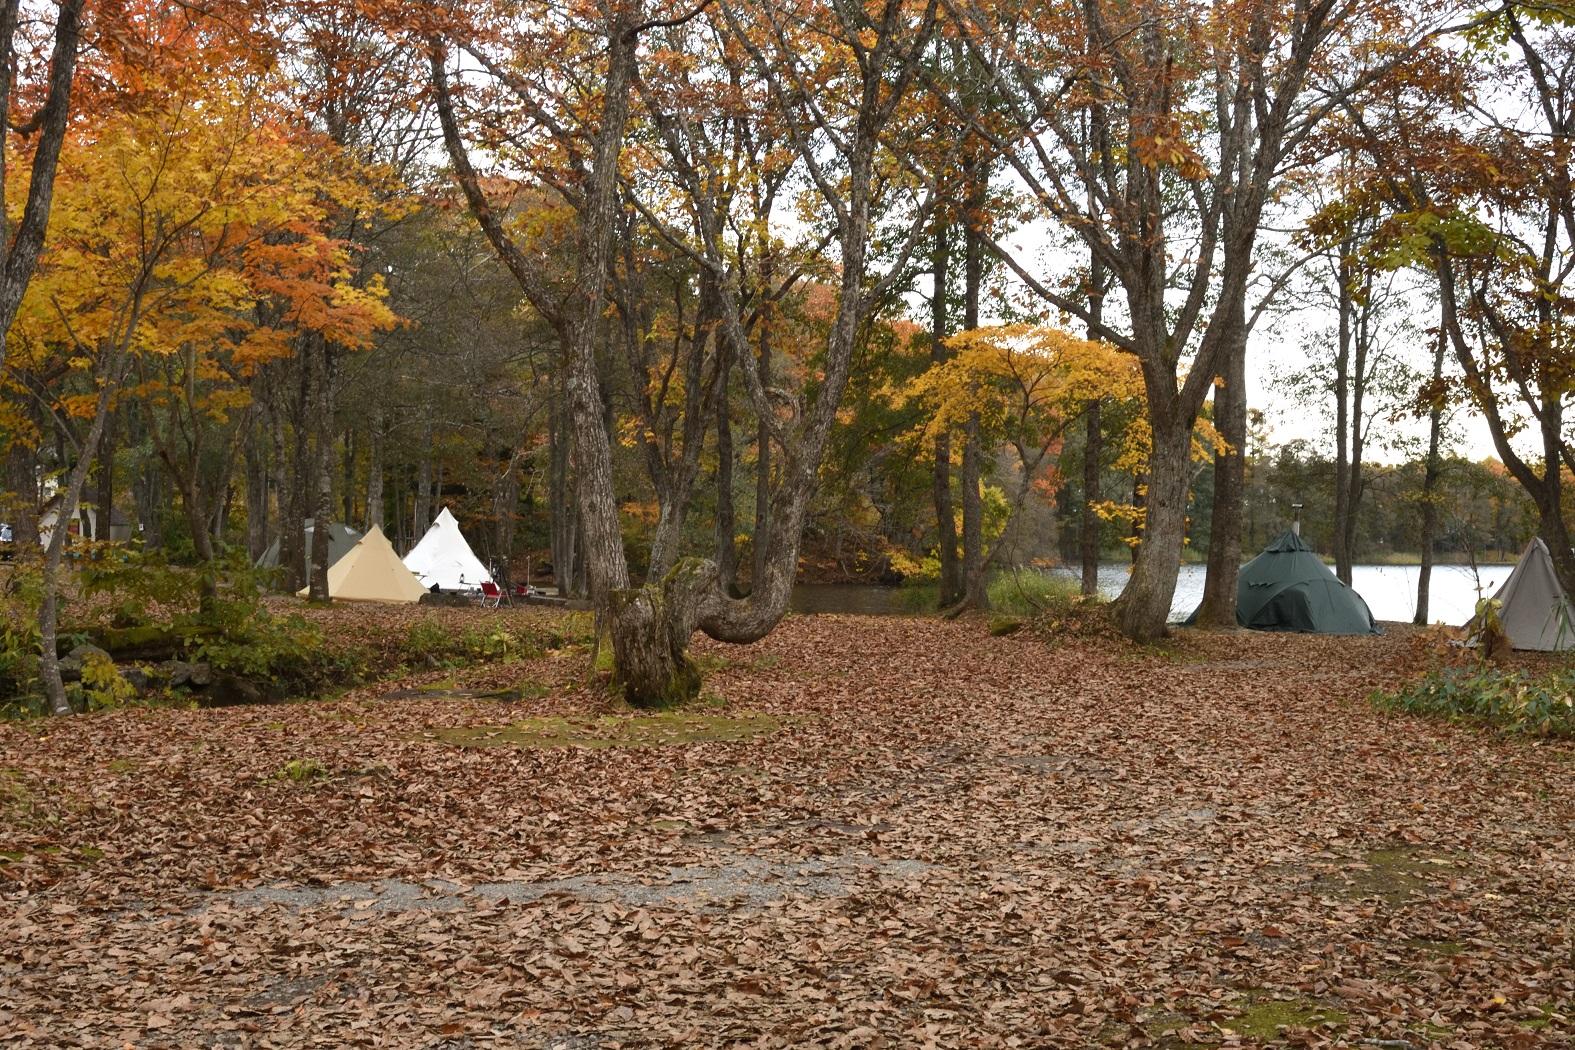 裏磐梯 ほとりの遊び場キャンプ場